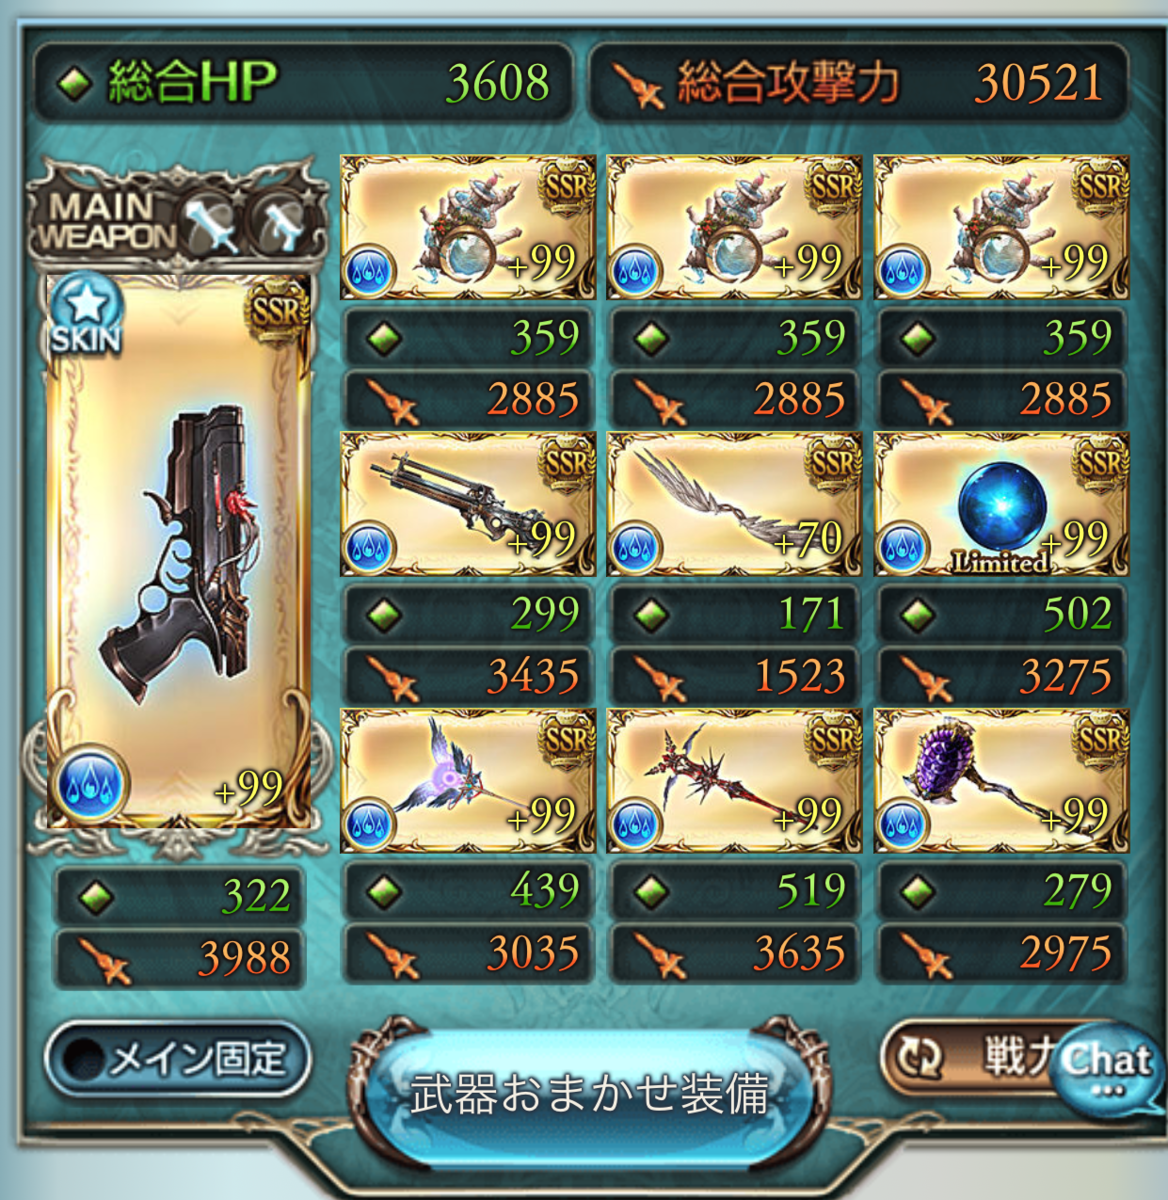 f:id:akiura774:20210405162849p:plain